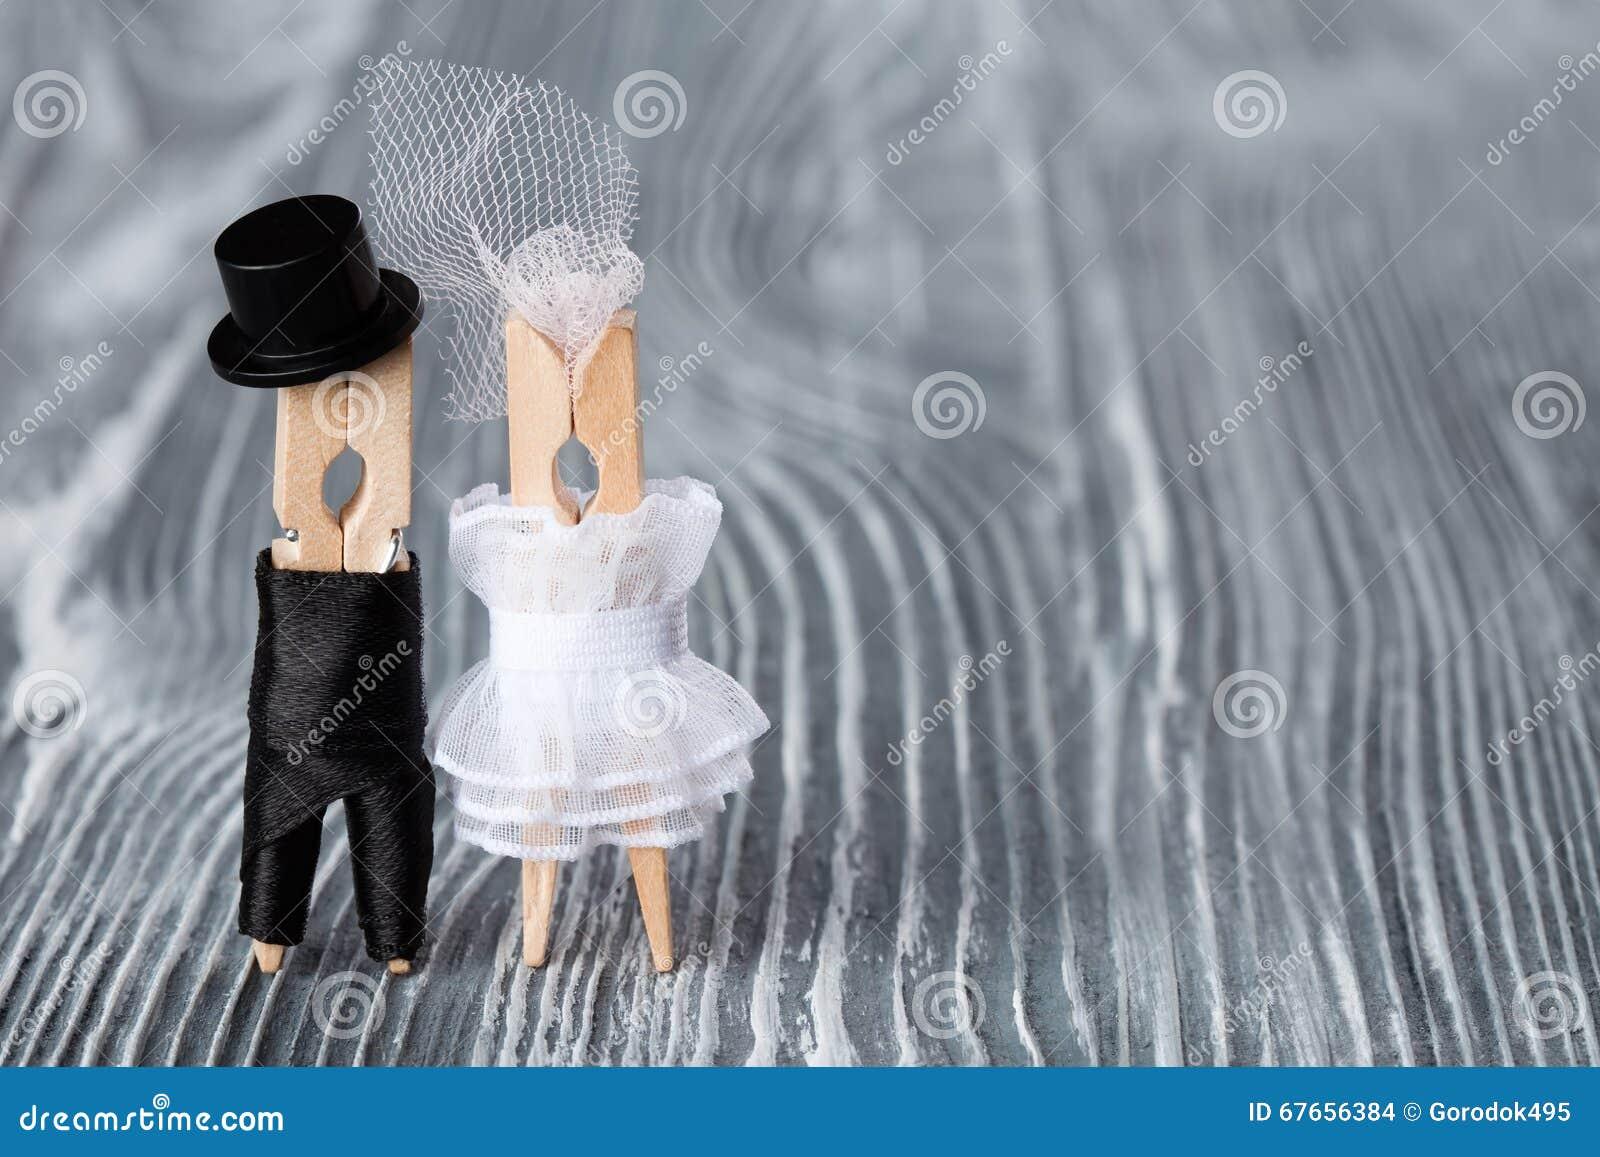 Жених и невеста из прищепок своими руками